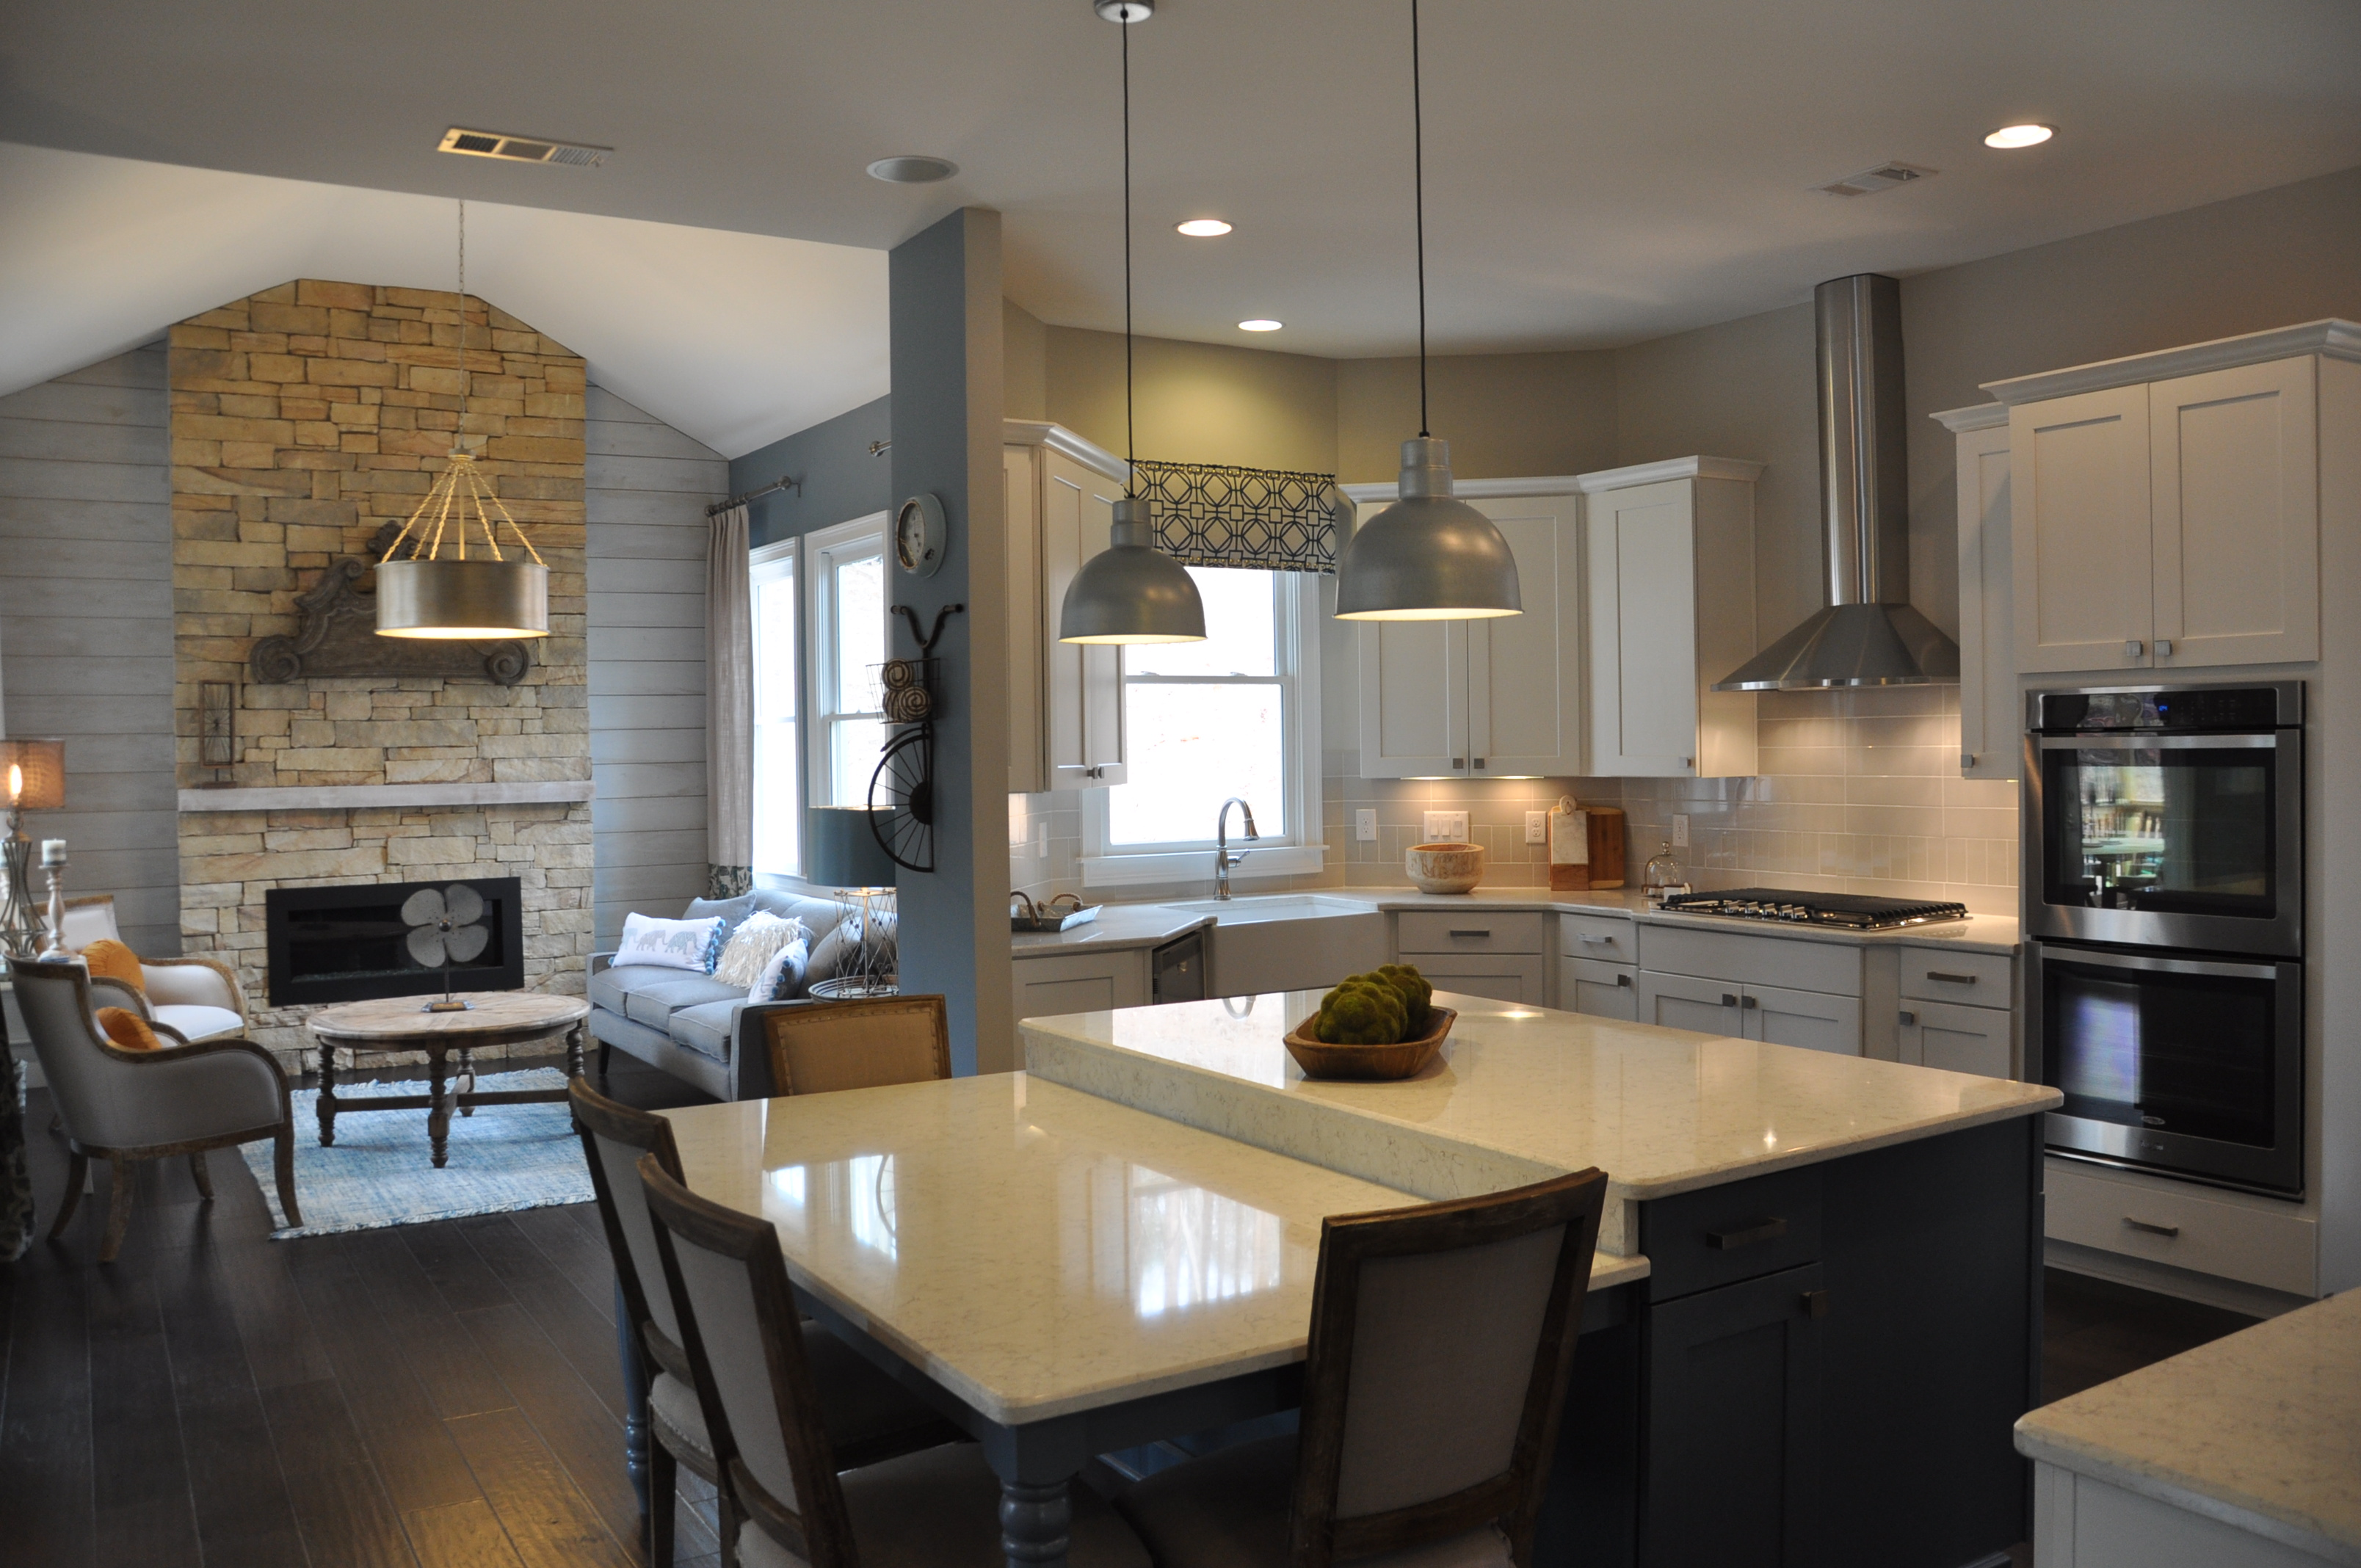 Kitchen and Harth Room